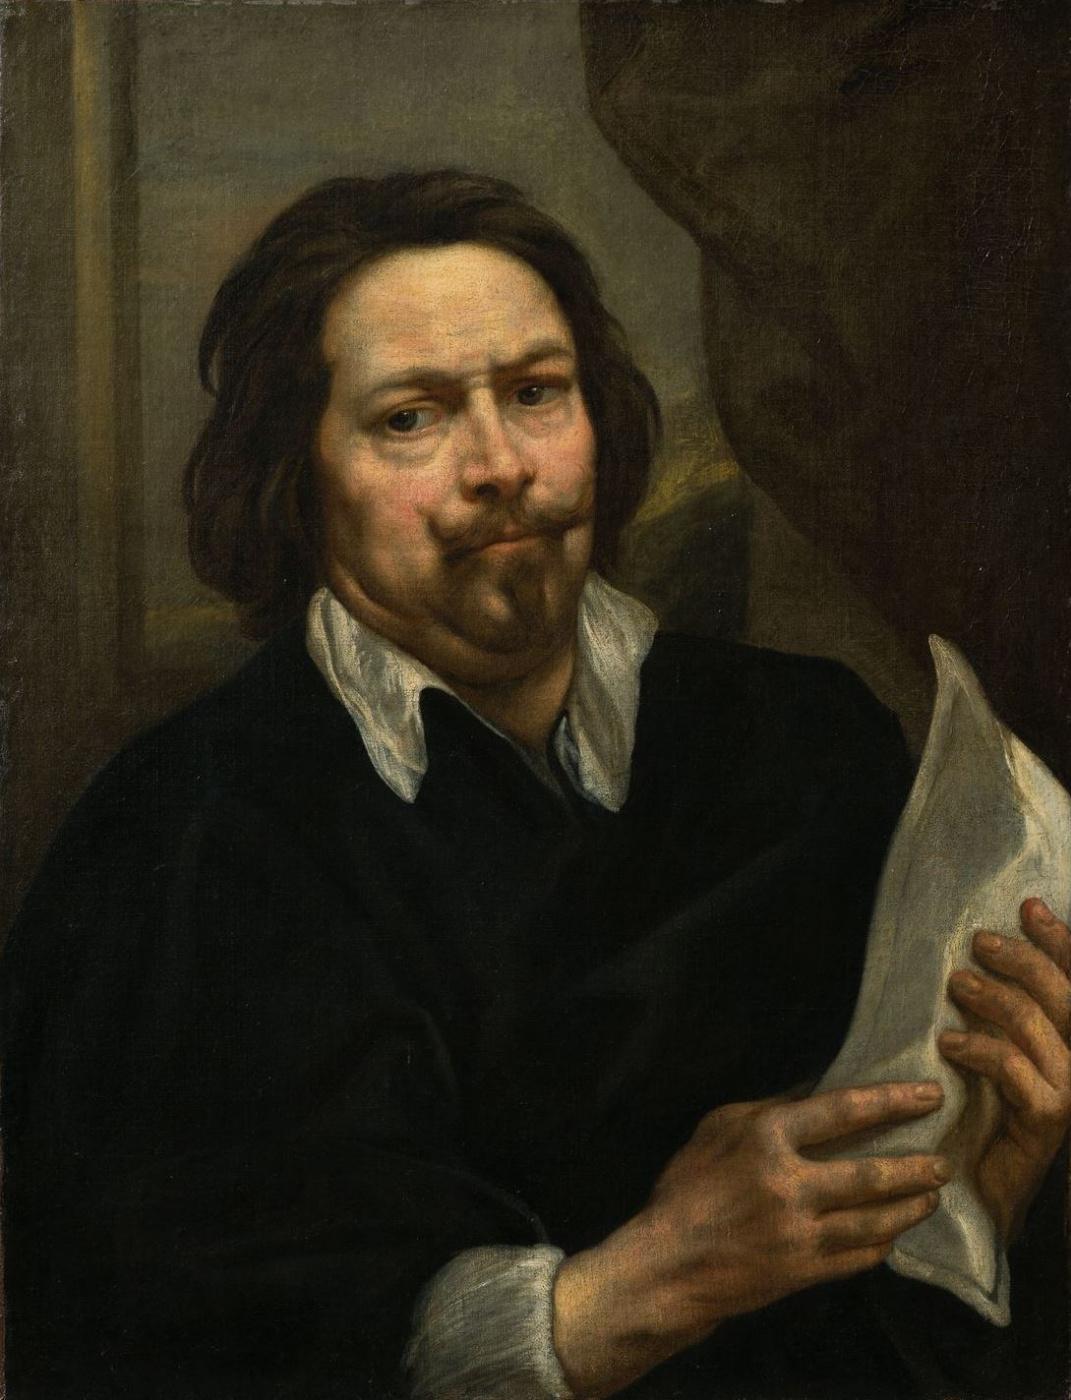 Якоб Йорданс. Self-portrait